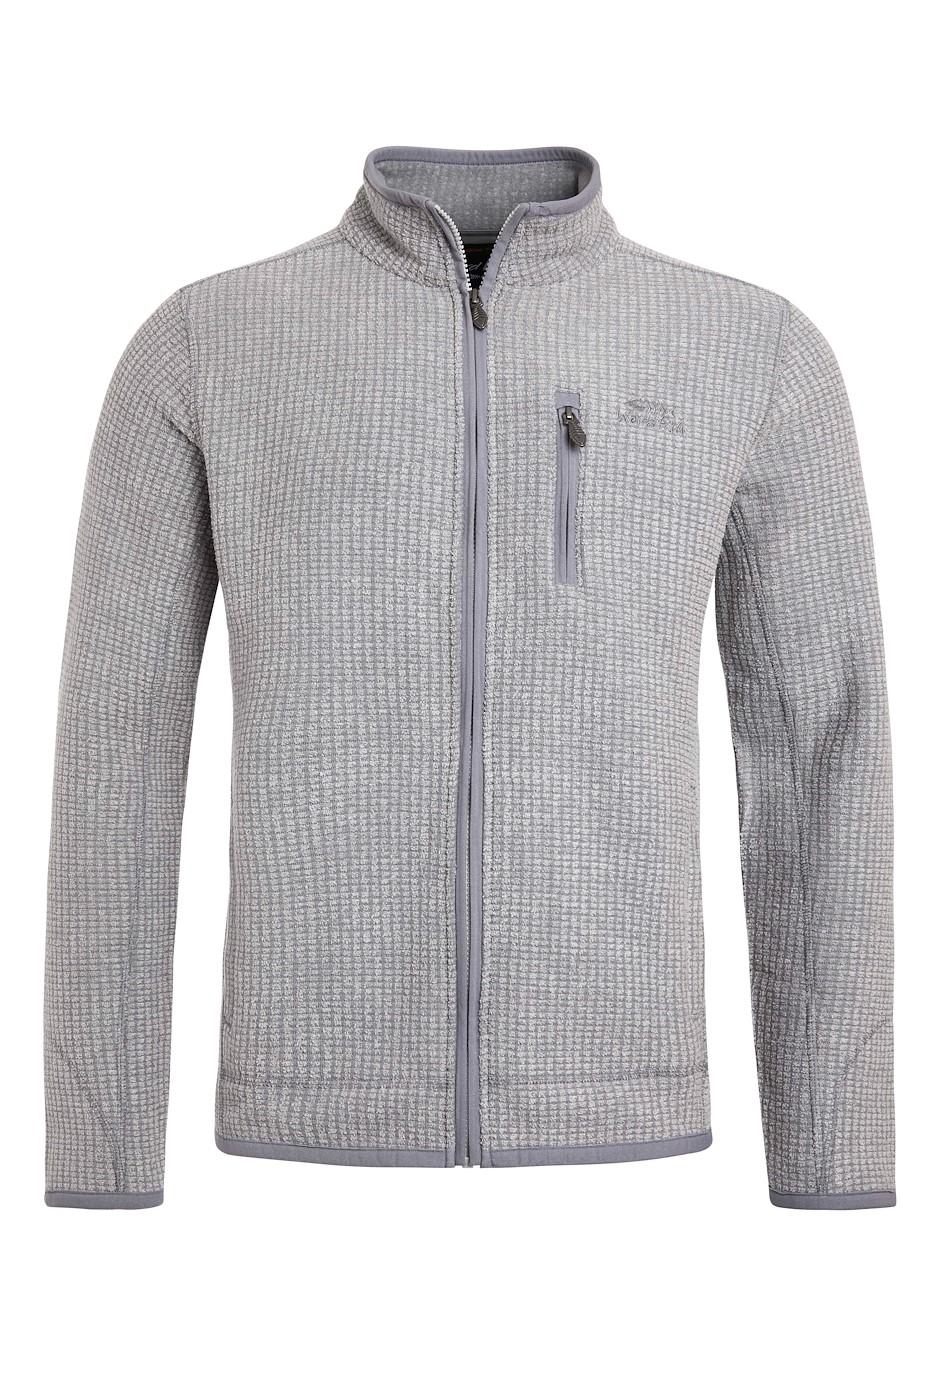 Rossten Full Zip Grid Fleece Tall Frost Grey